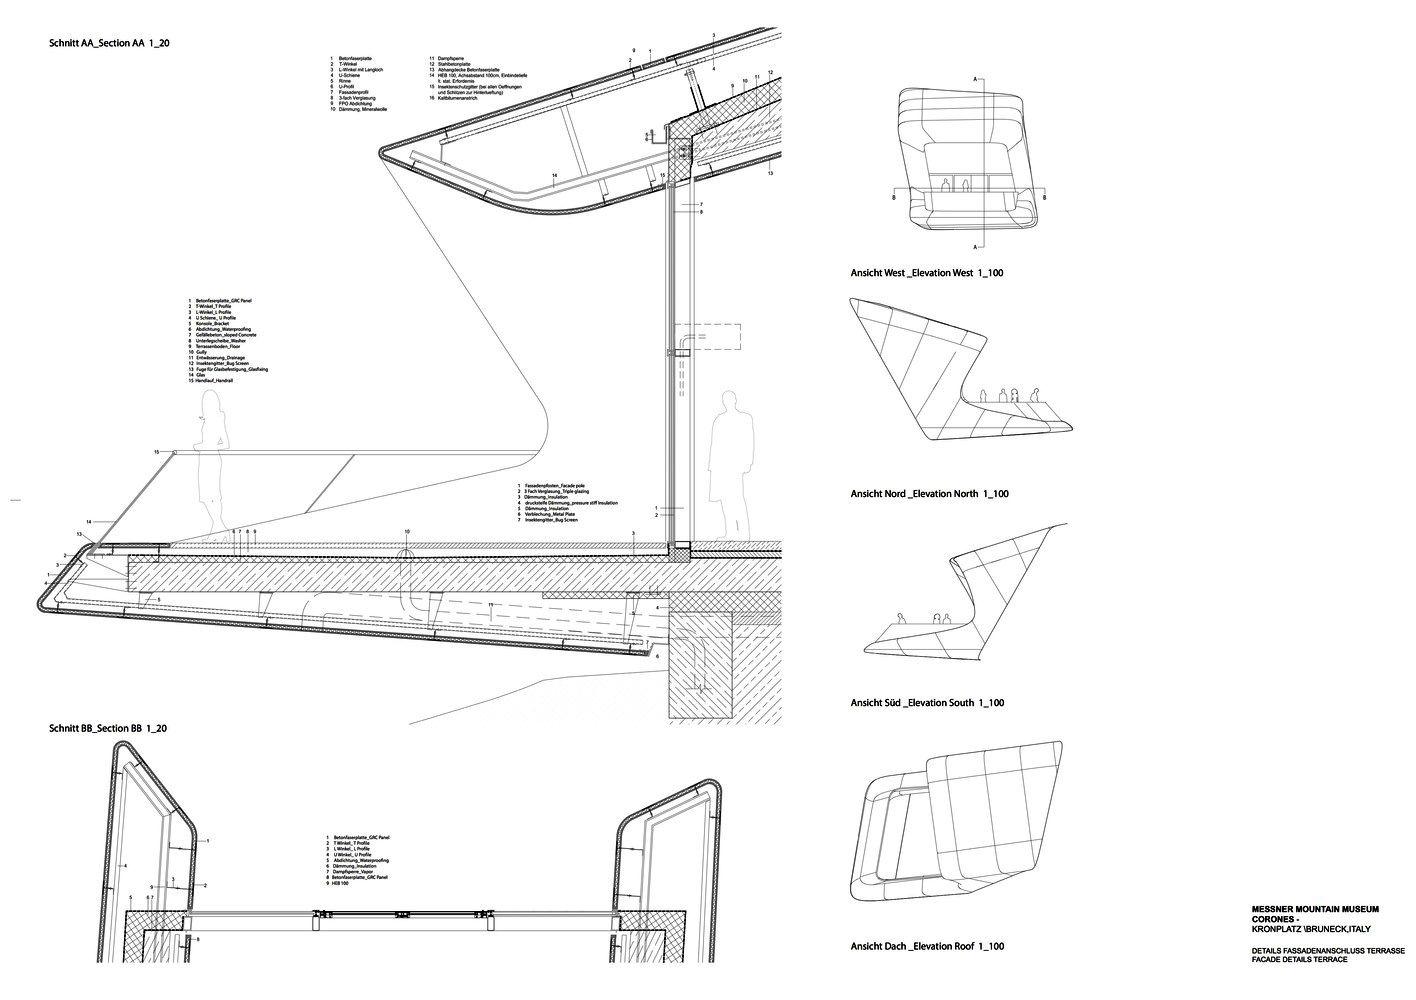 Galeria De Detalles Constructivos De La Obra De Zaha Hadid